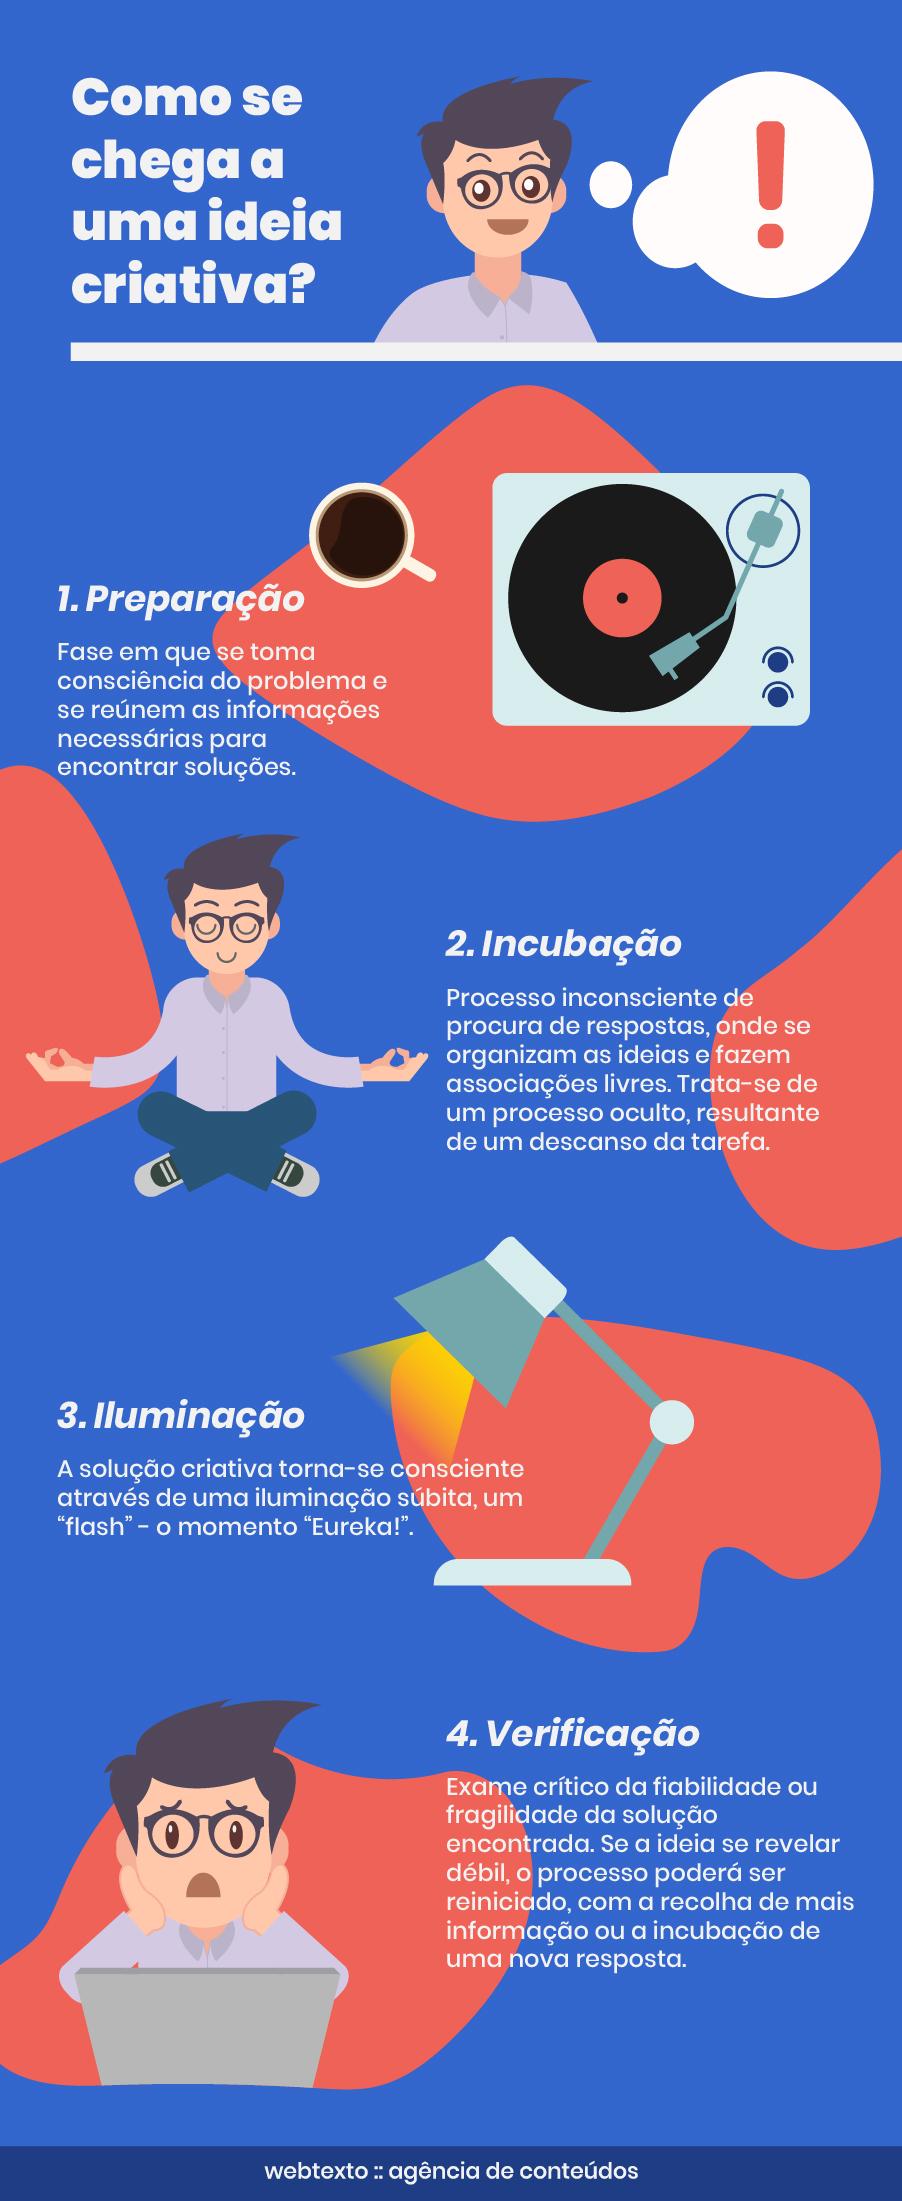 criatividade, inspiração, produção de conteúdos, content marketing, ideias, inovação